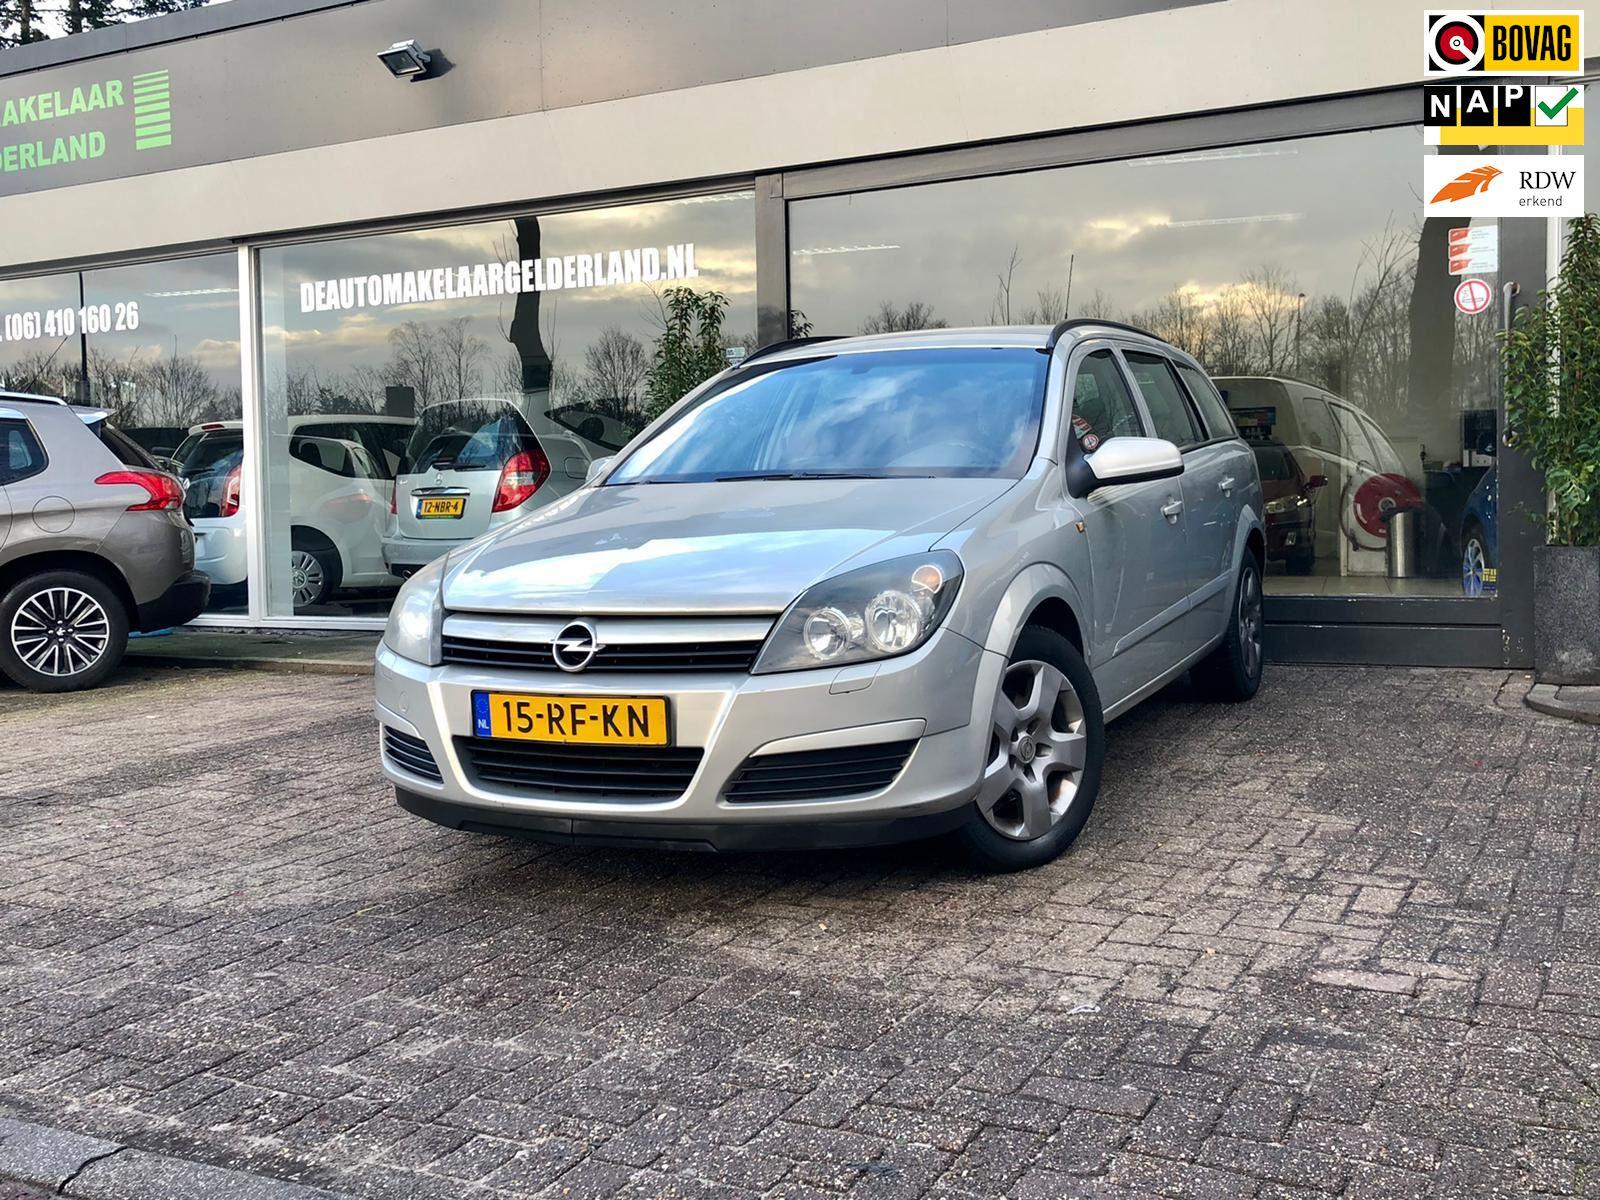 Opel Astra Wagon occasion - De Automakelaar Gelderland